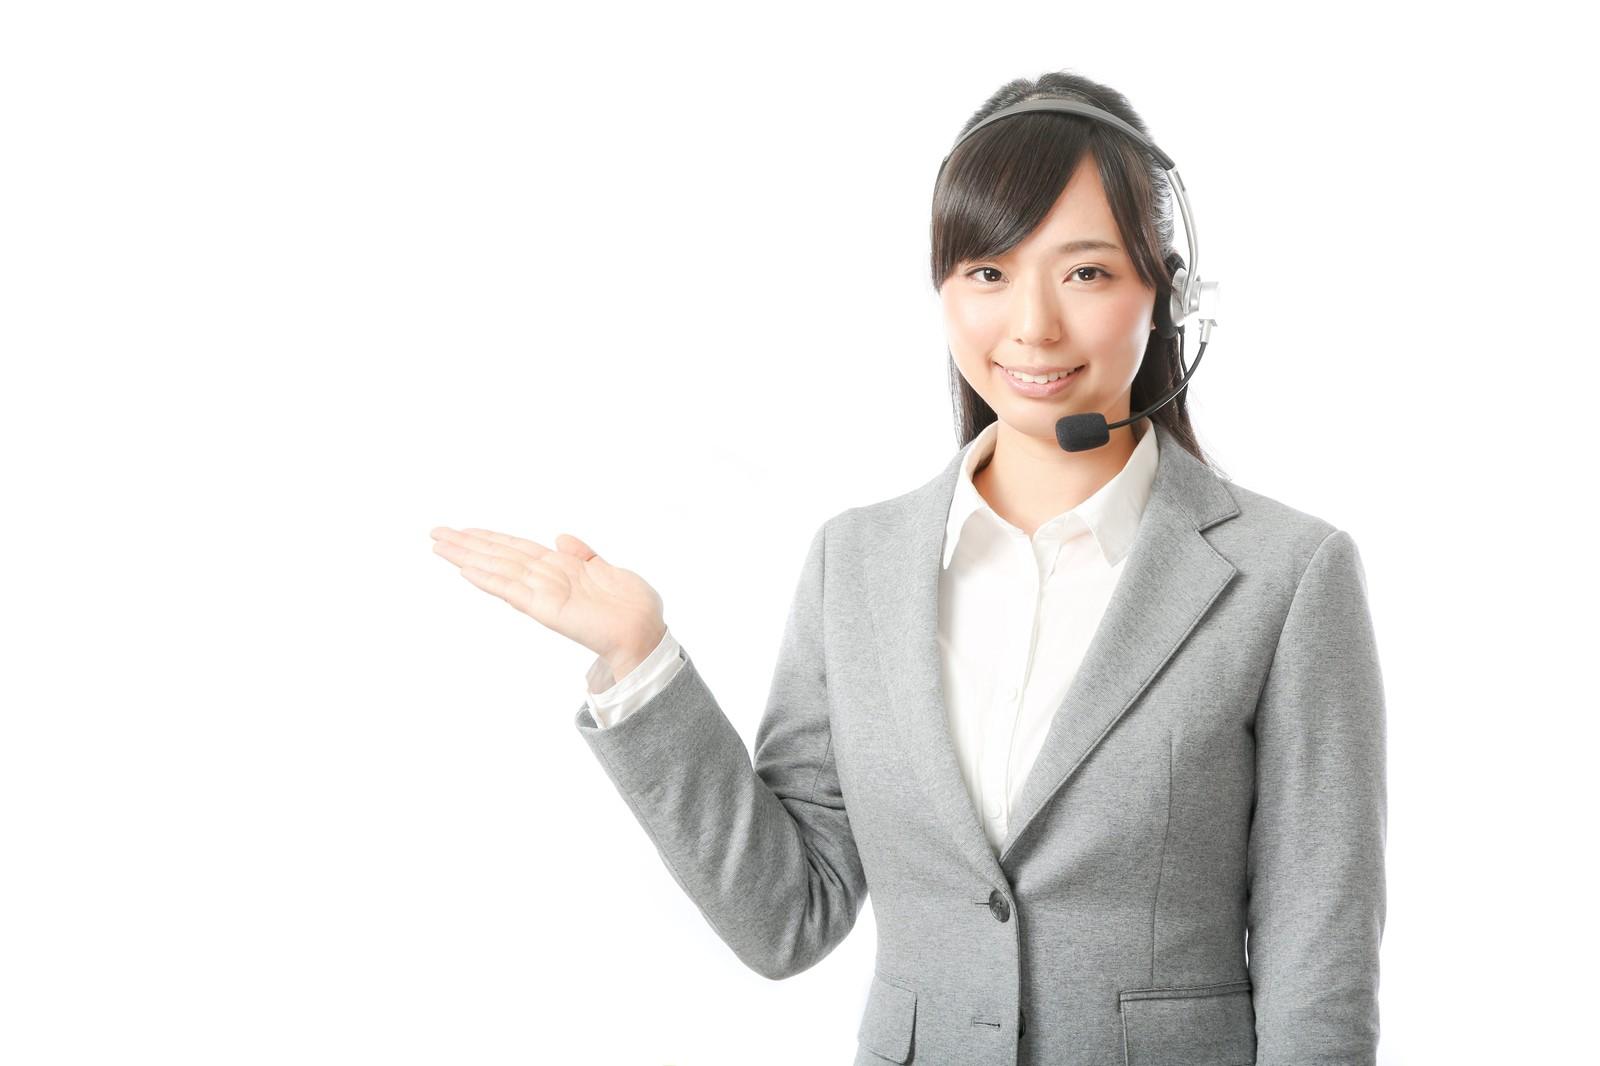 成績や成果を評価する画像